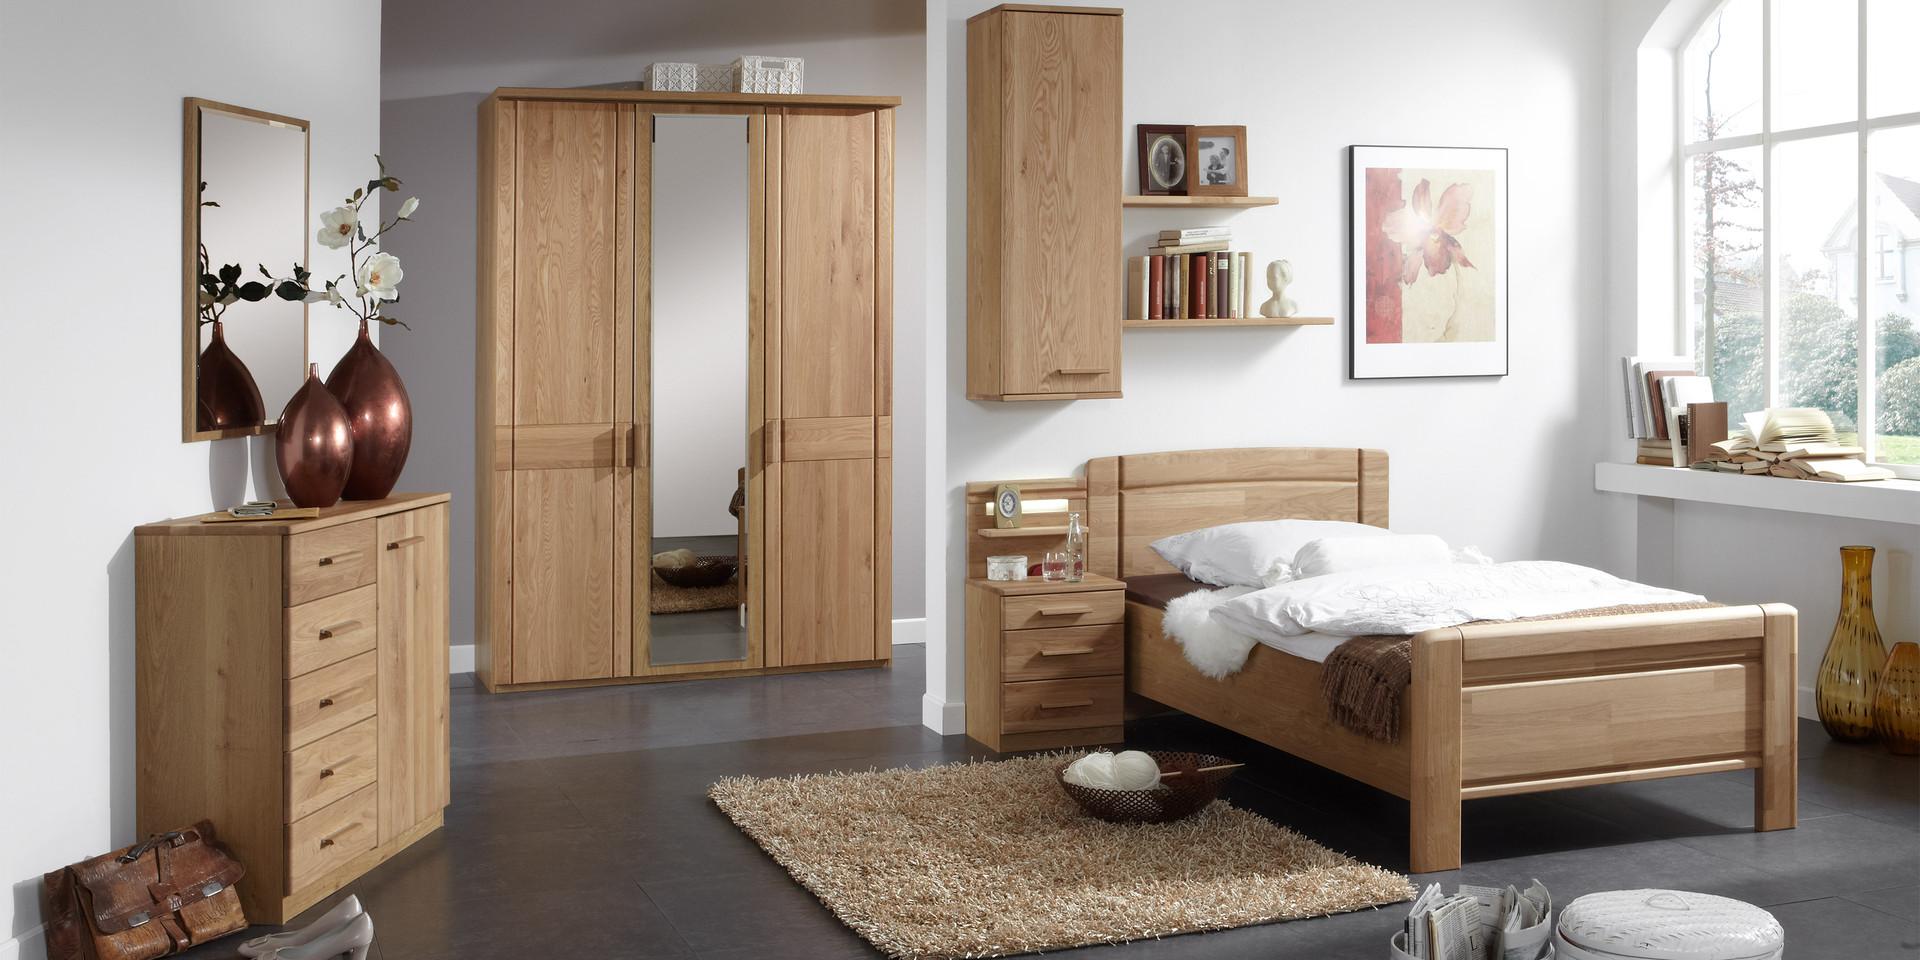 erleben sie das schlafzimmer m nster m belhersteller wiemann. Black Bedroom Furniture Sets. Home Design Ideas